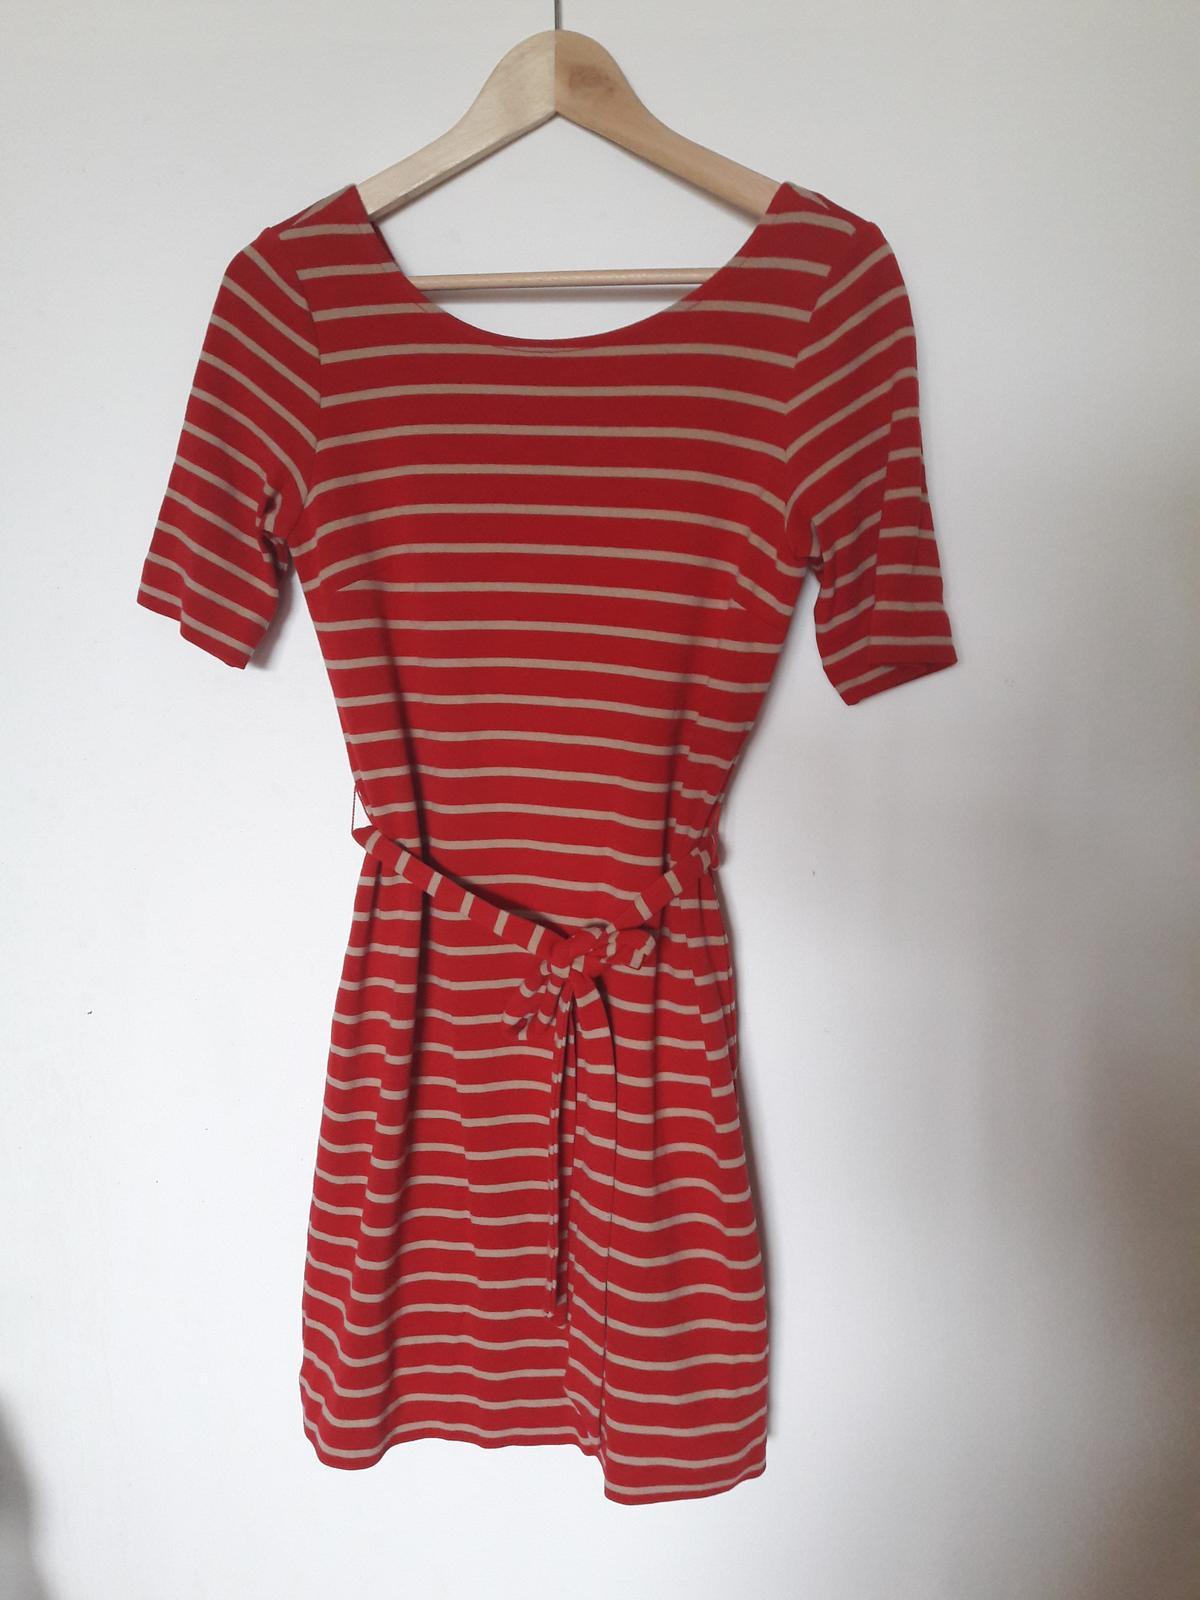 Červené pruhované šaty - Obrázek č. 1